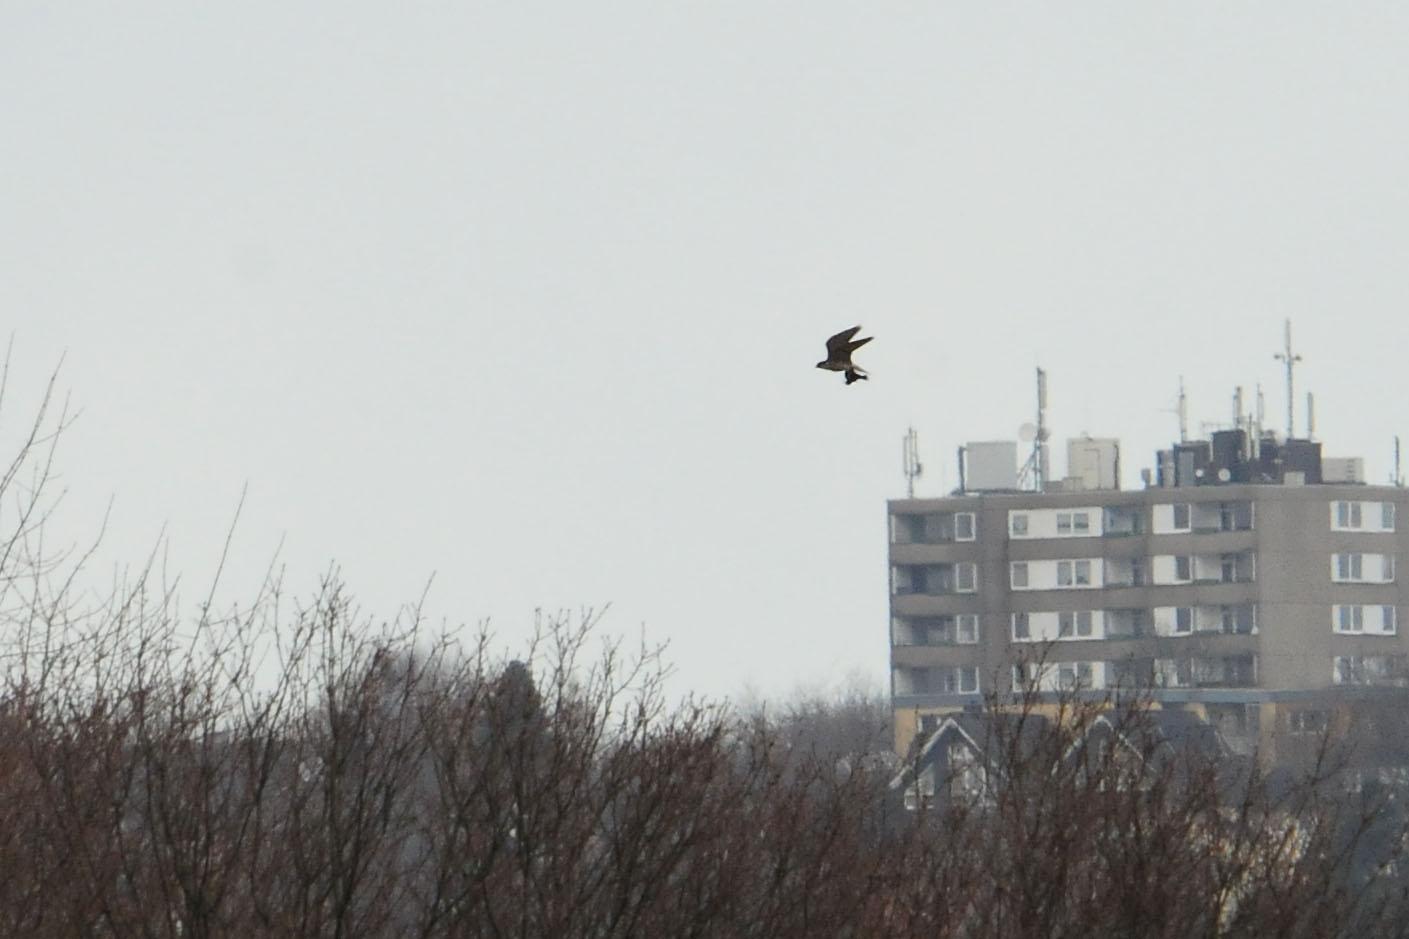 Selbst in weiter Ferne erkennt man noch gut die Silhouette des Falken und des geschlagenen Vogels am 31.03.2015 Foto: Marvin Lebeus